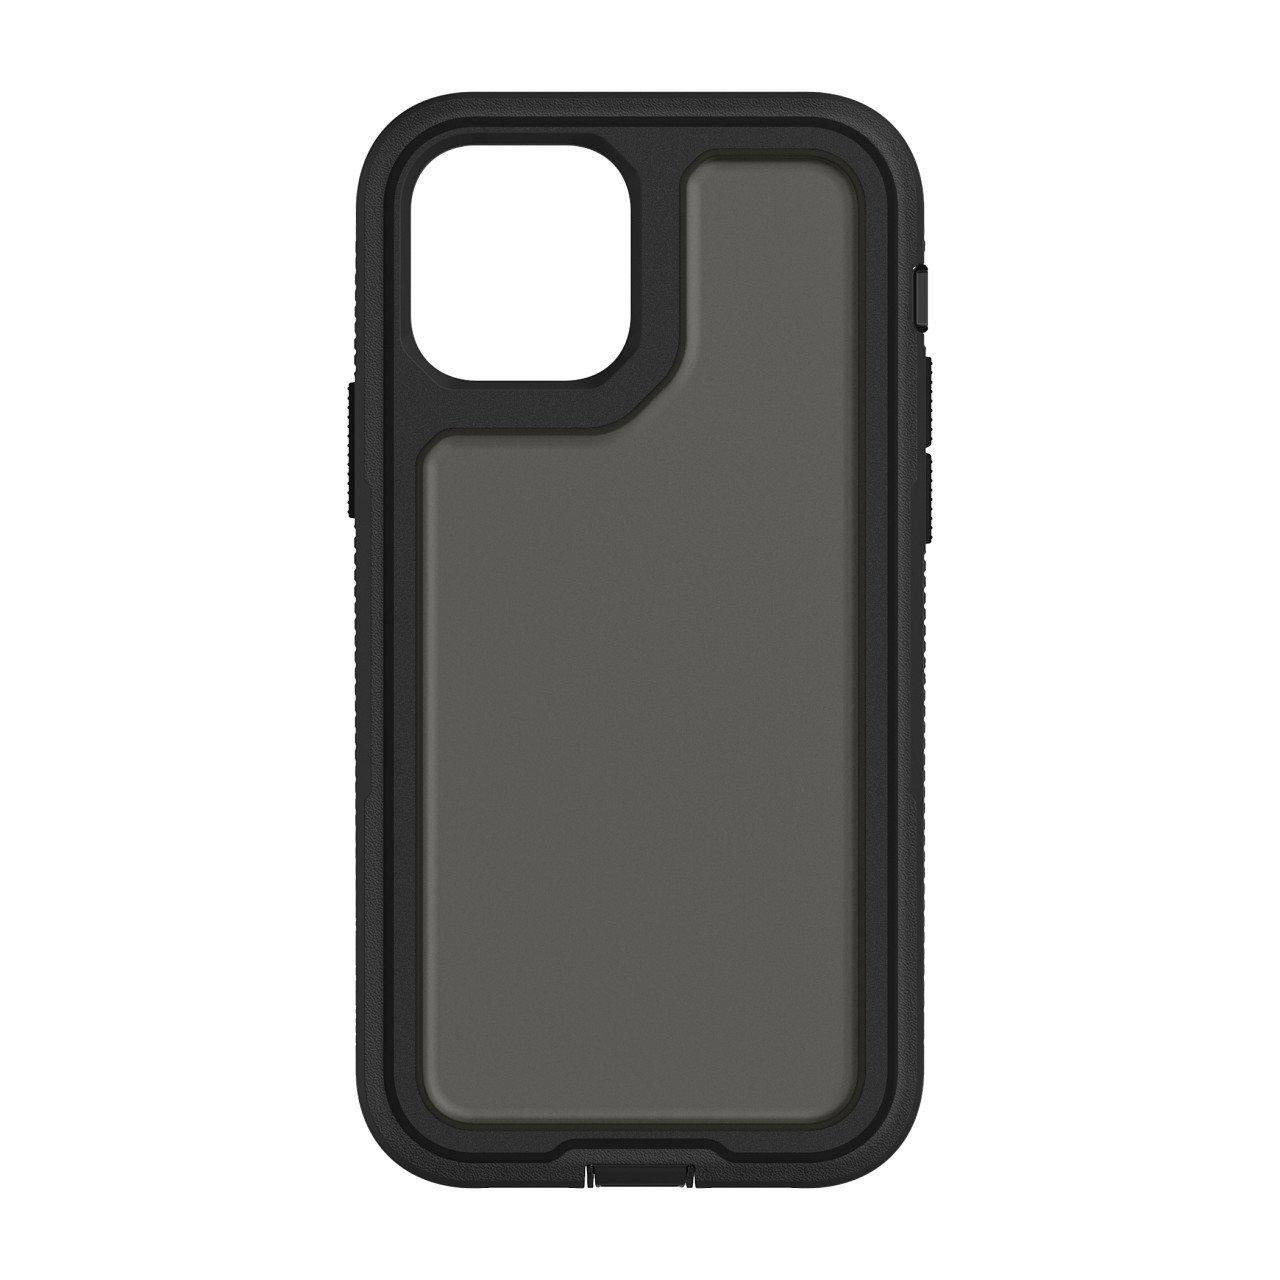 """Griffin Survivor Extreme mobile phone case 15.5 cm (6.1"""") Cover Black"""